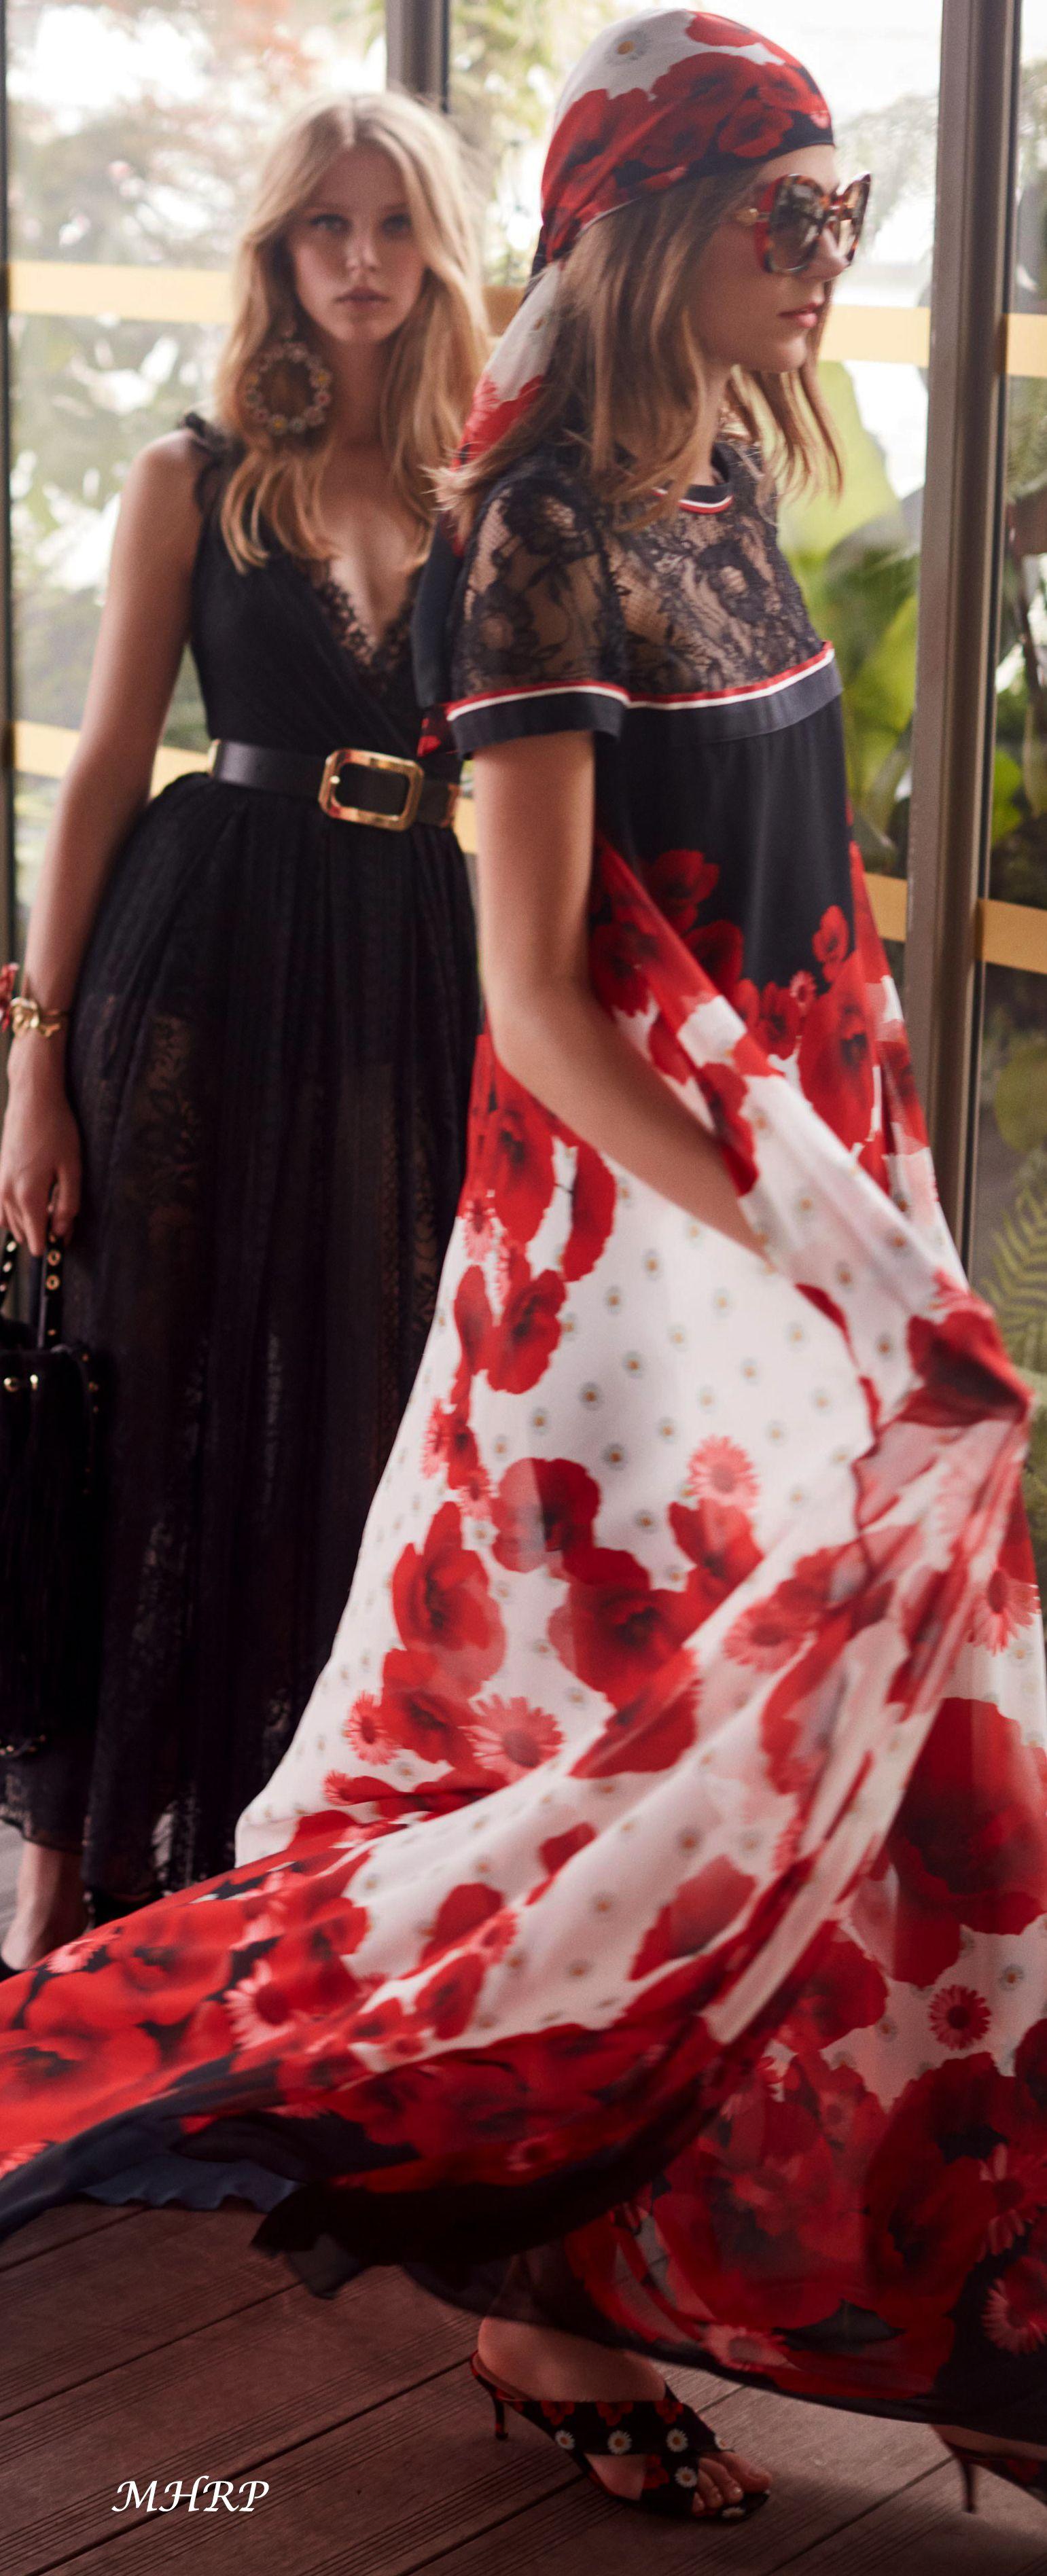 Elie Saab Vogue Resort 2019 Mit Bildern Kleidung Mode Modetrends